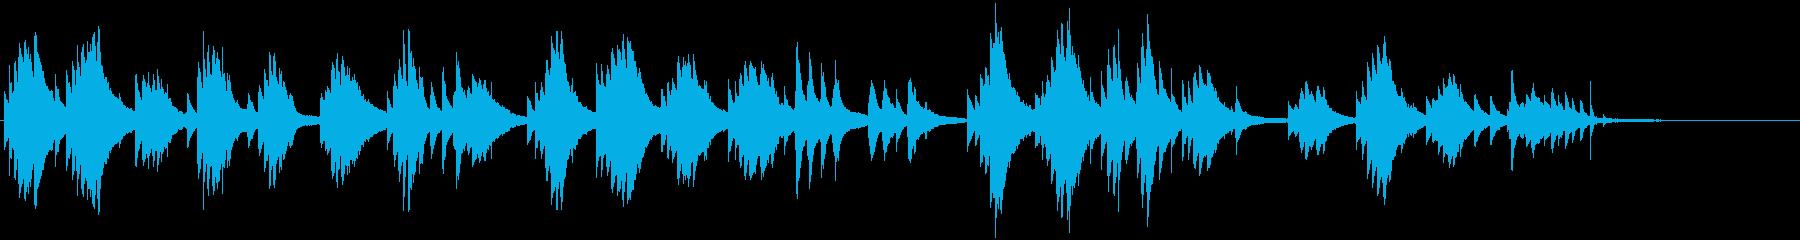 爽やかでオシャレなピアノ曲の再生済みの波形